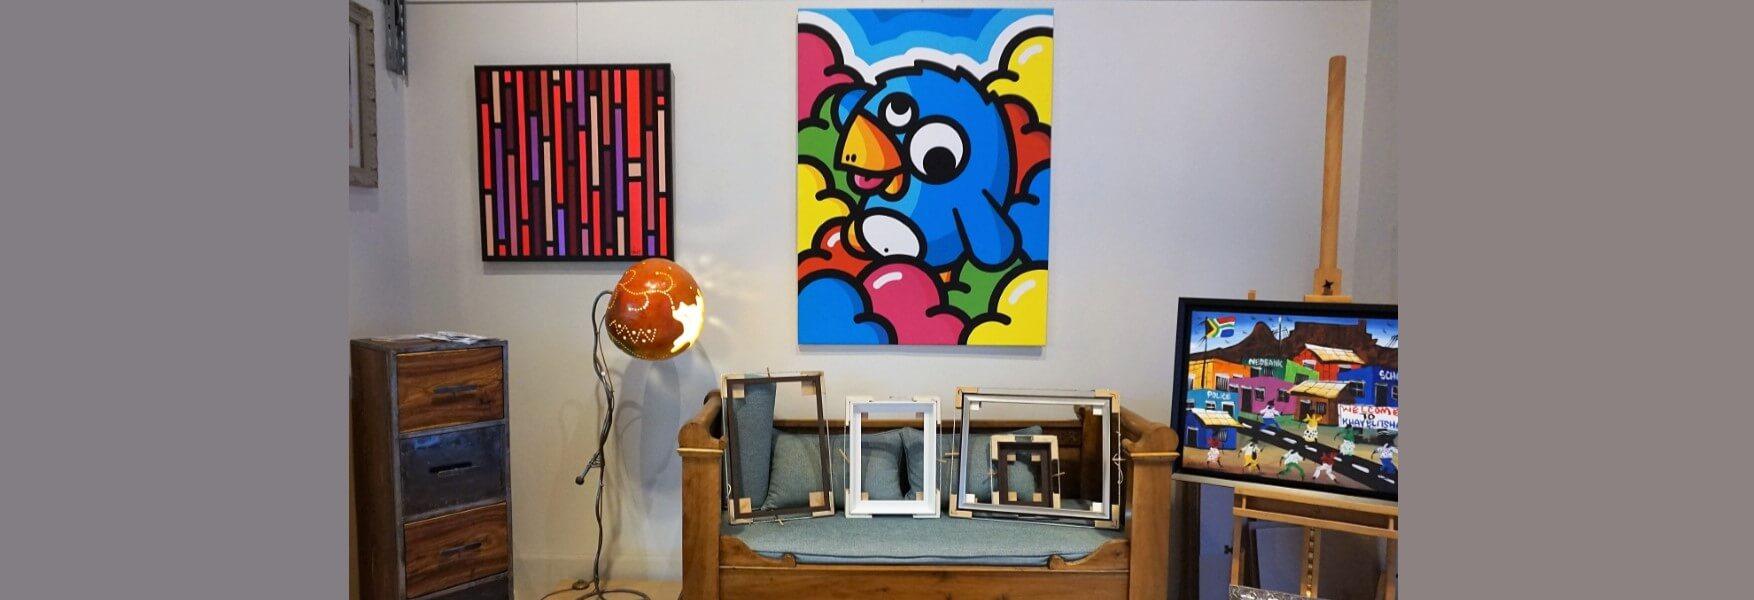 atelier coulouvrat - slideL'ART EST BEAU QUAND LA MAIN, LA TÊTE ET LE COEUR DE L'HOMME TRAVAILLENT ENSEMBLE